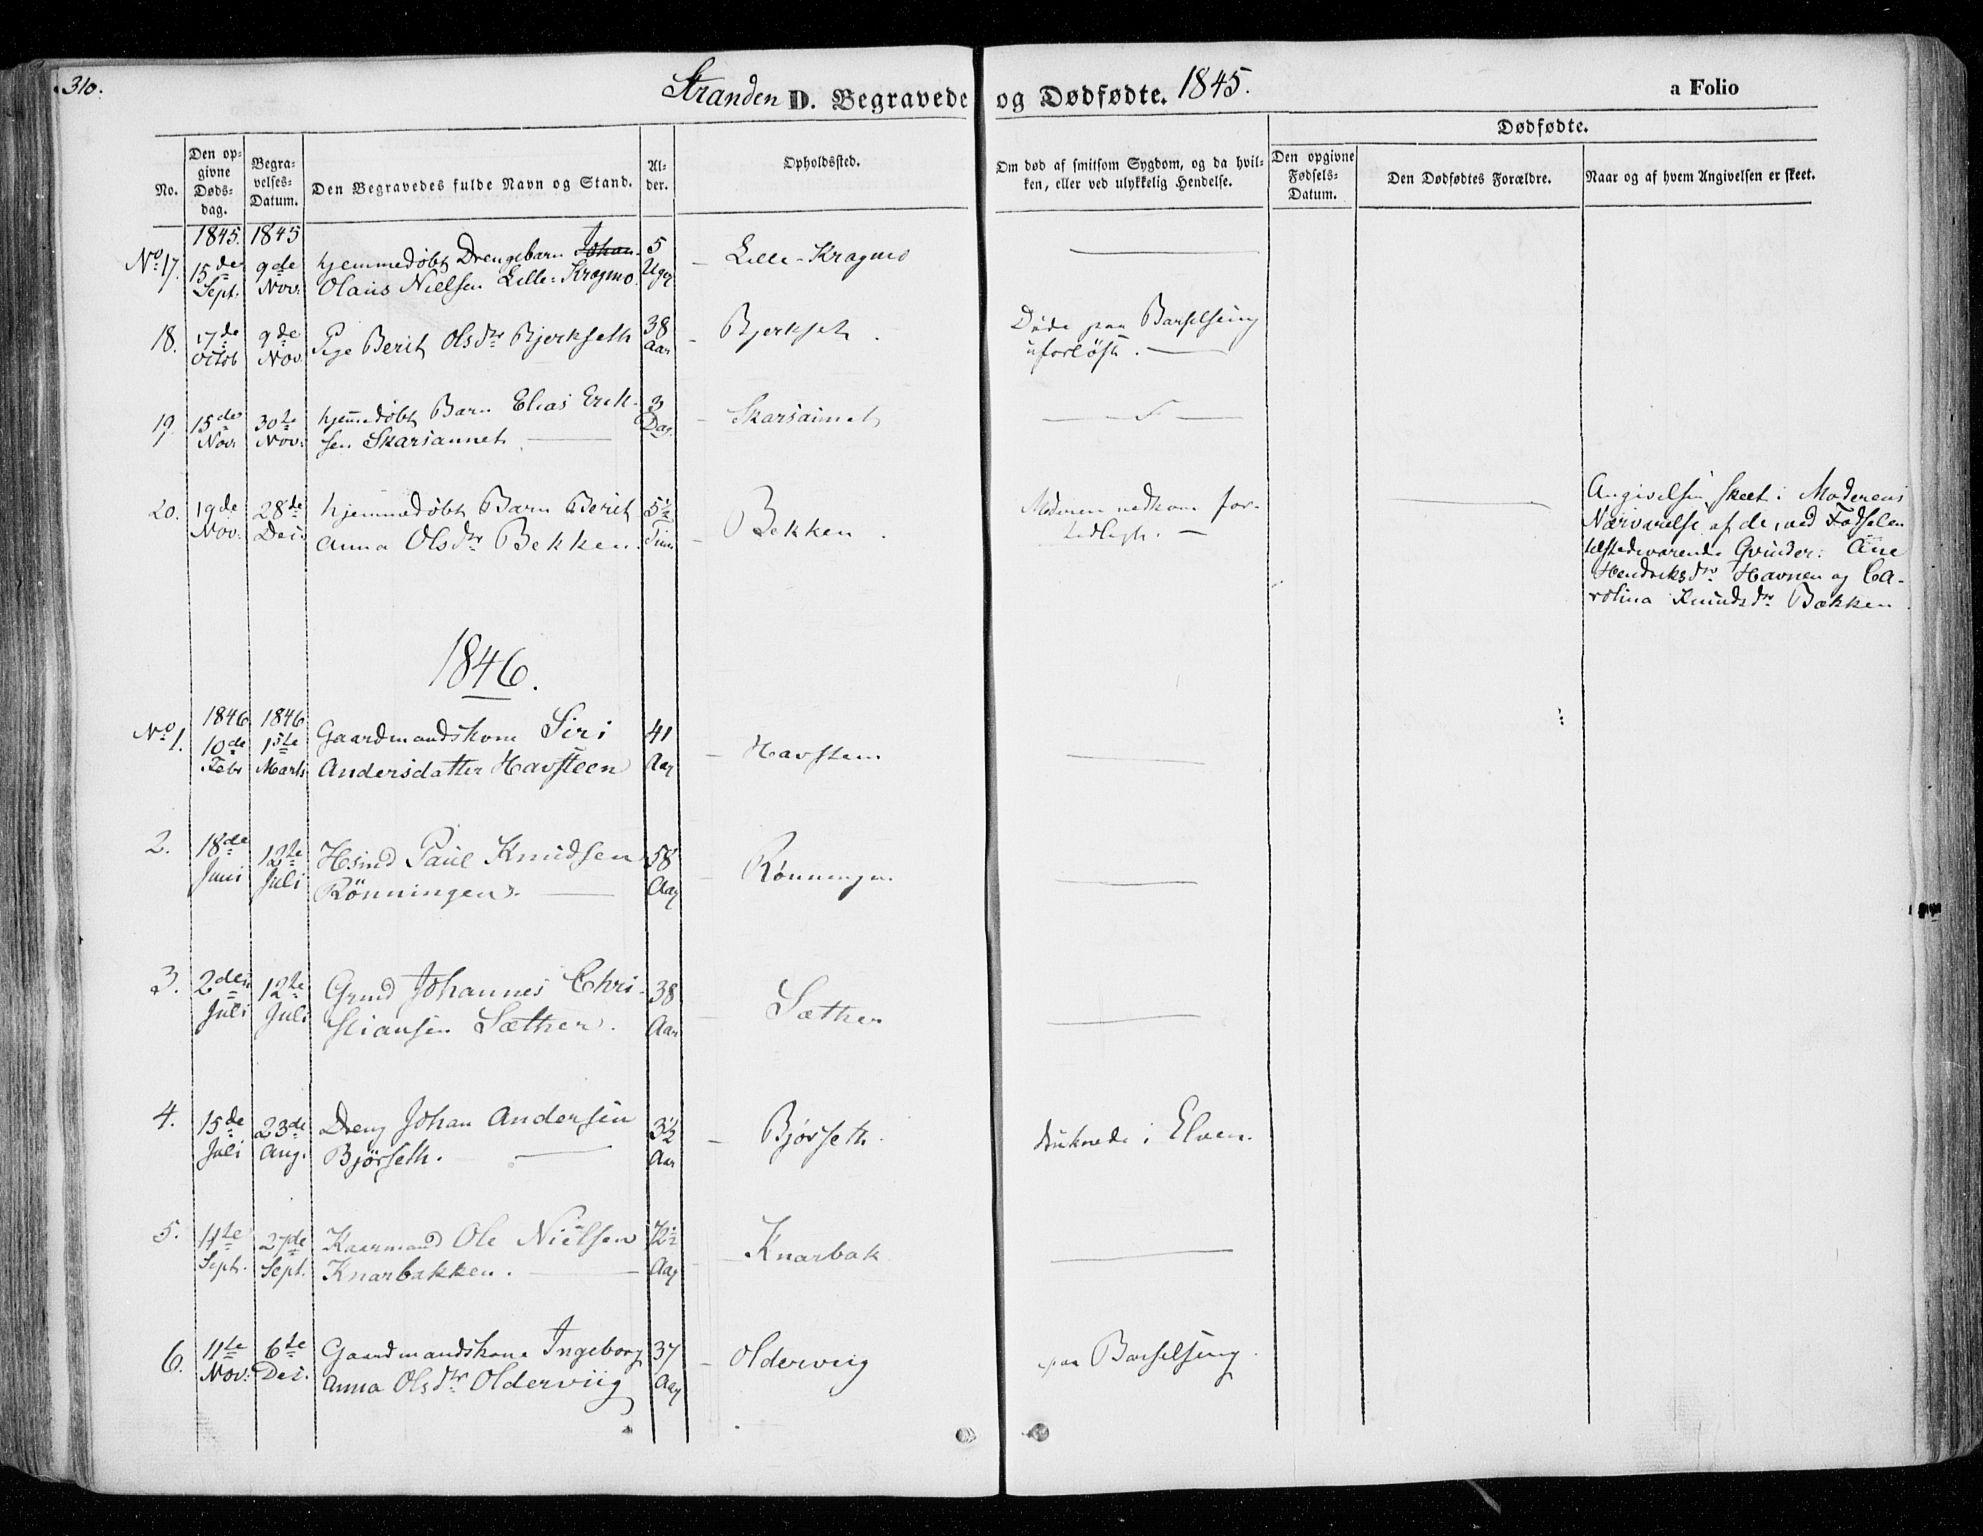 SAT, Ministerialprotokoller, klokkerbøker og fødselsregistre - Nord-Trøndelag, 701/L0007: Ministerialbok nr. 701A07 /2, 1842-1854, s. 310